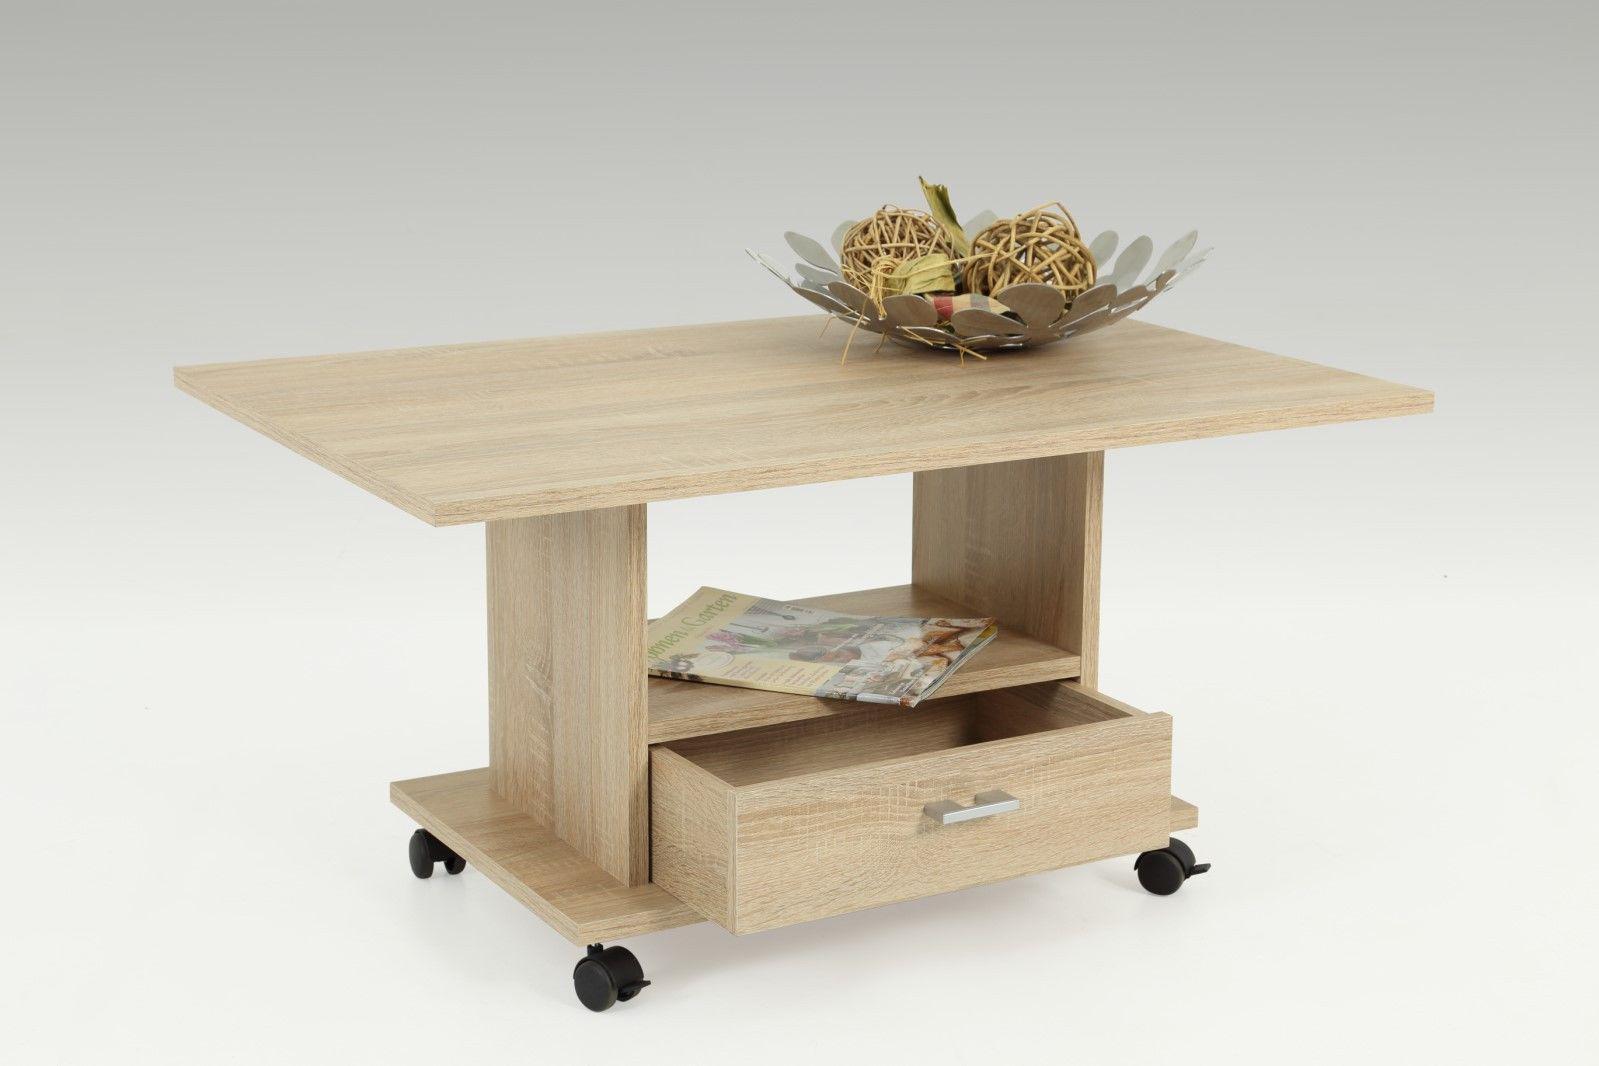 couchtisch eiche mit schublade kreative ideen f r ihr. Black Bedroom Furniture Sets. Home Design Ideas